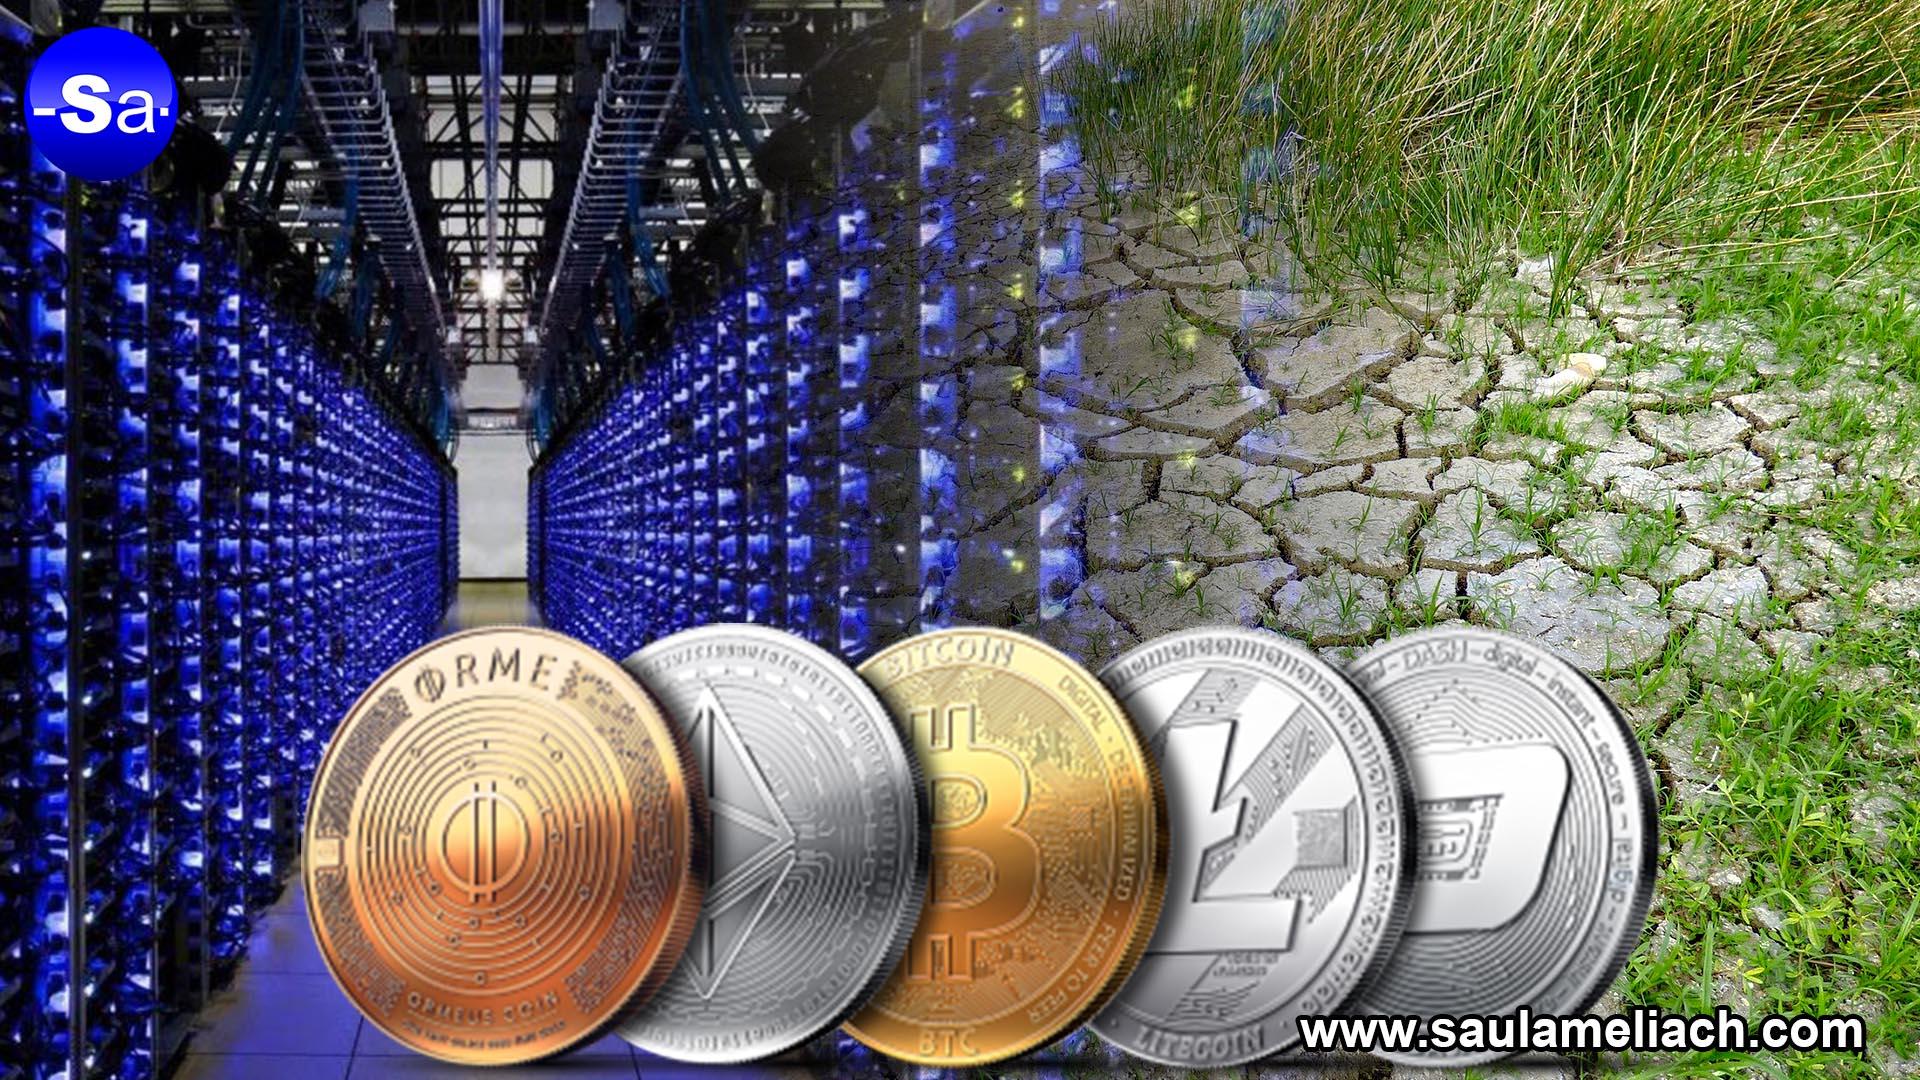 inversión en criptomonedas - artech digital